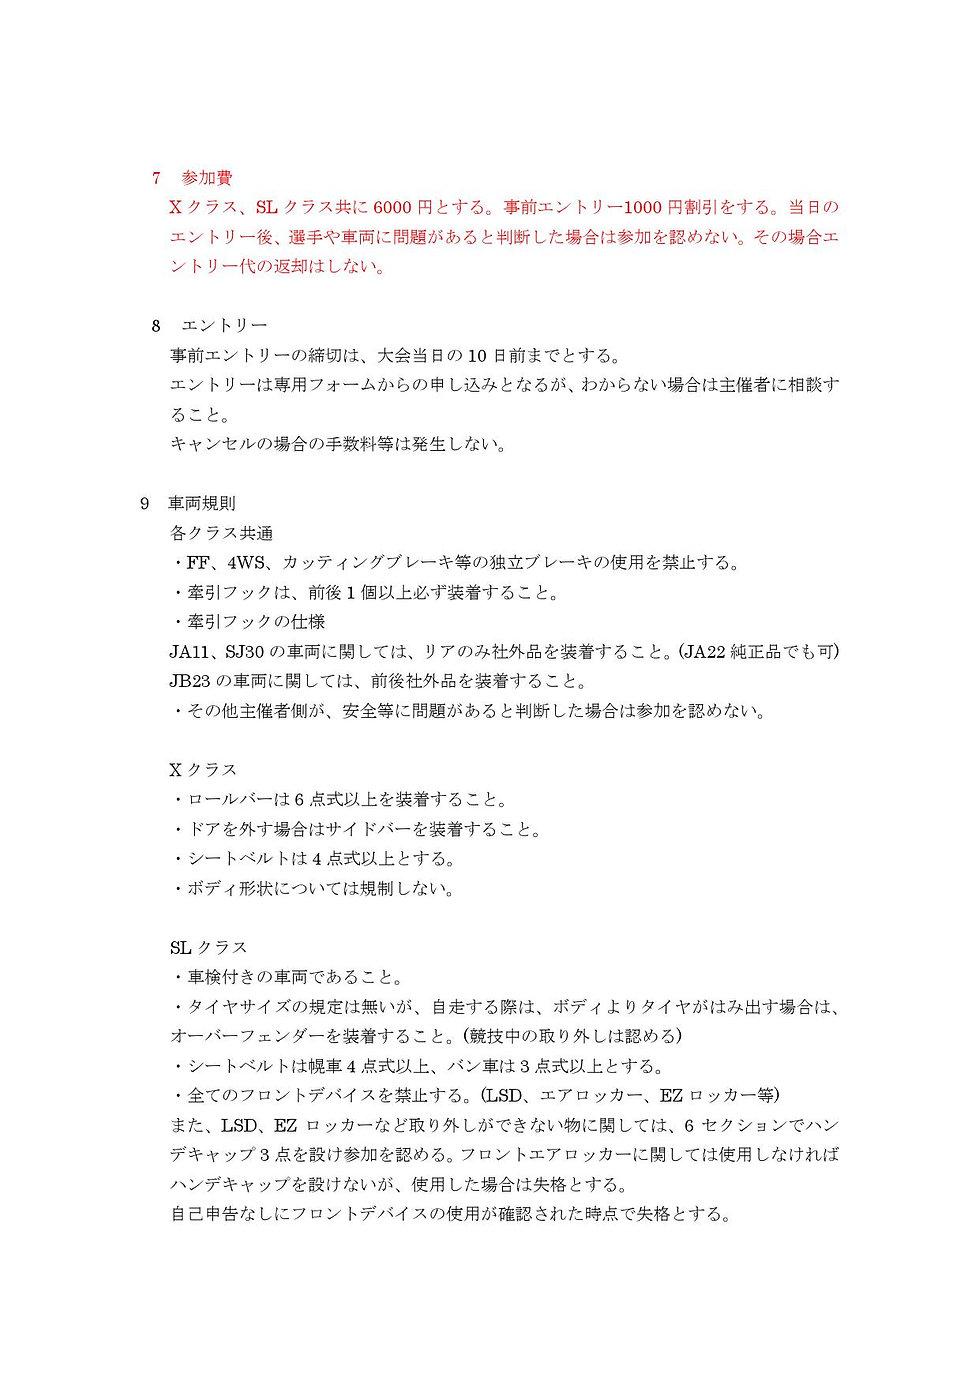 九州サムクライムトライアル協議規則書_000002.jpg